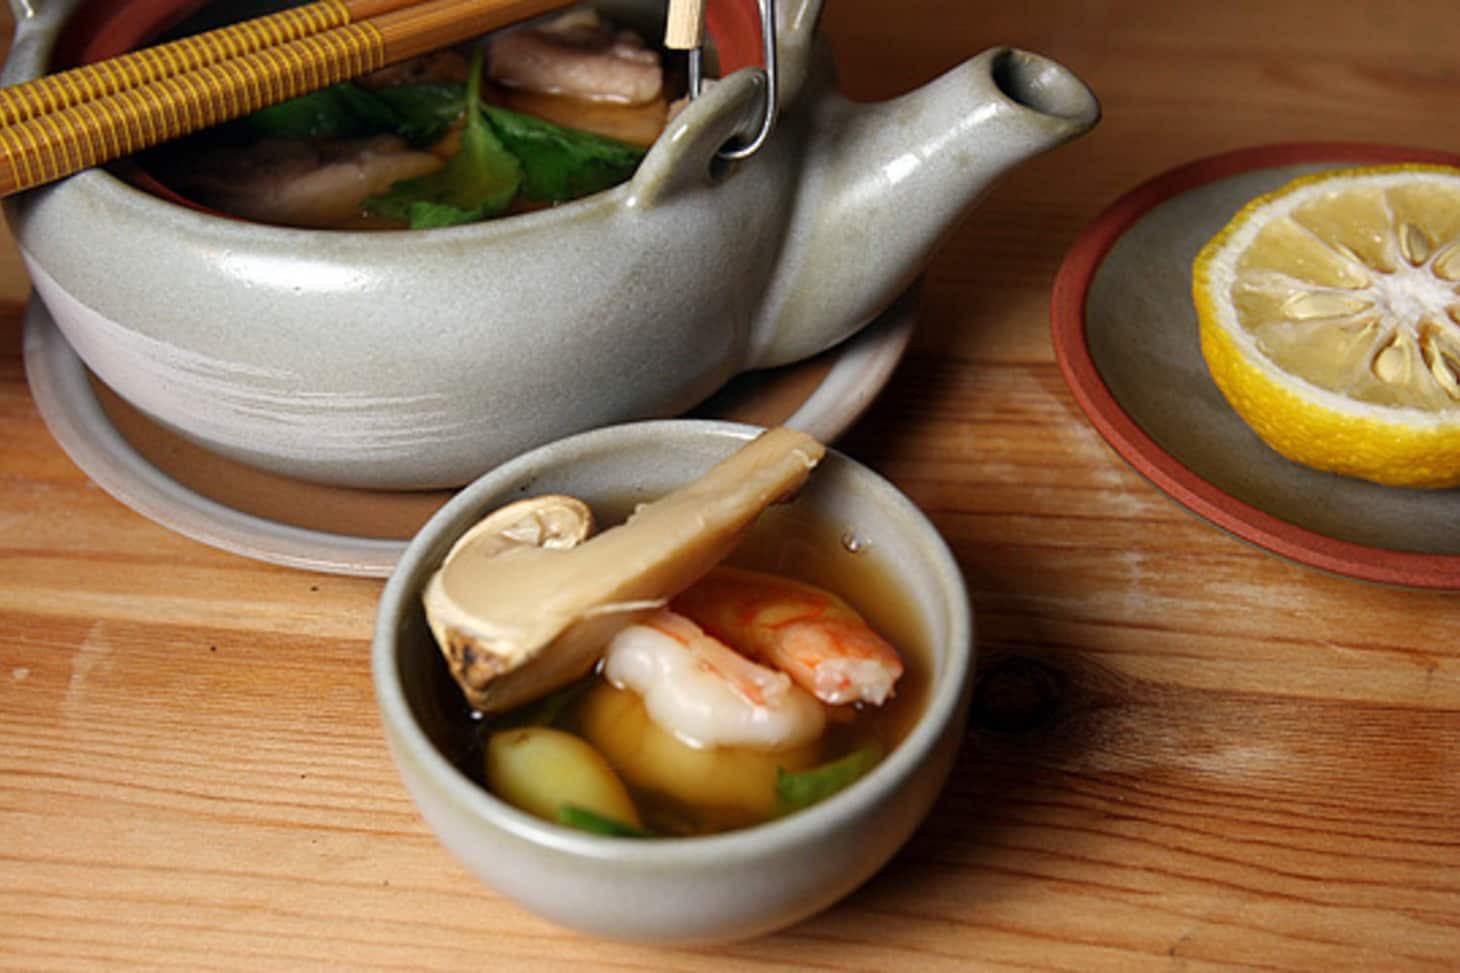 Decode những thuật ngữ thường hay thấy trong thực đơn của các nhà hàng Nhật Bản - Ảnh 5.